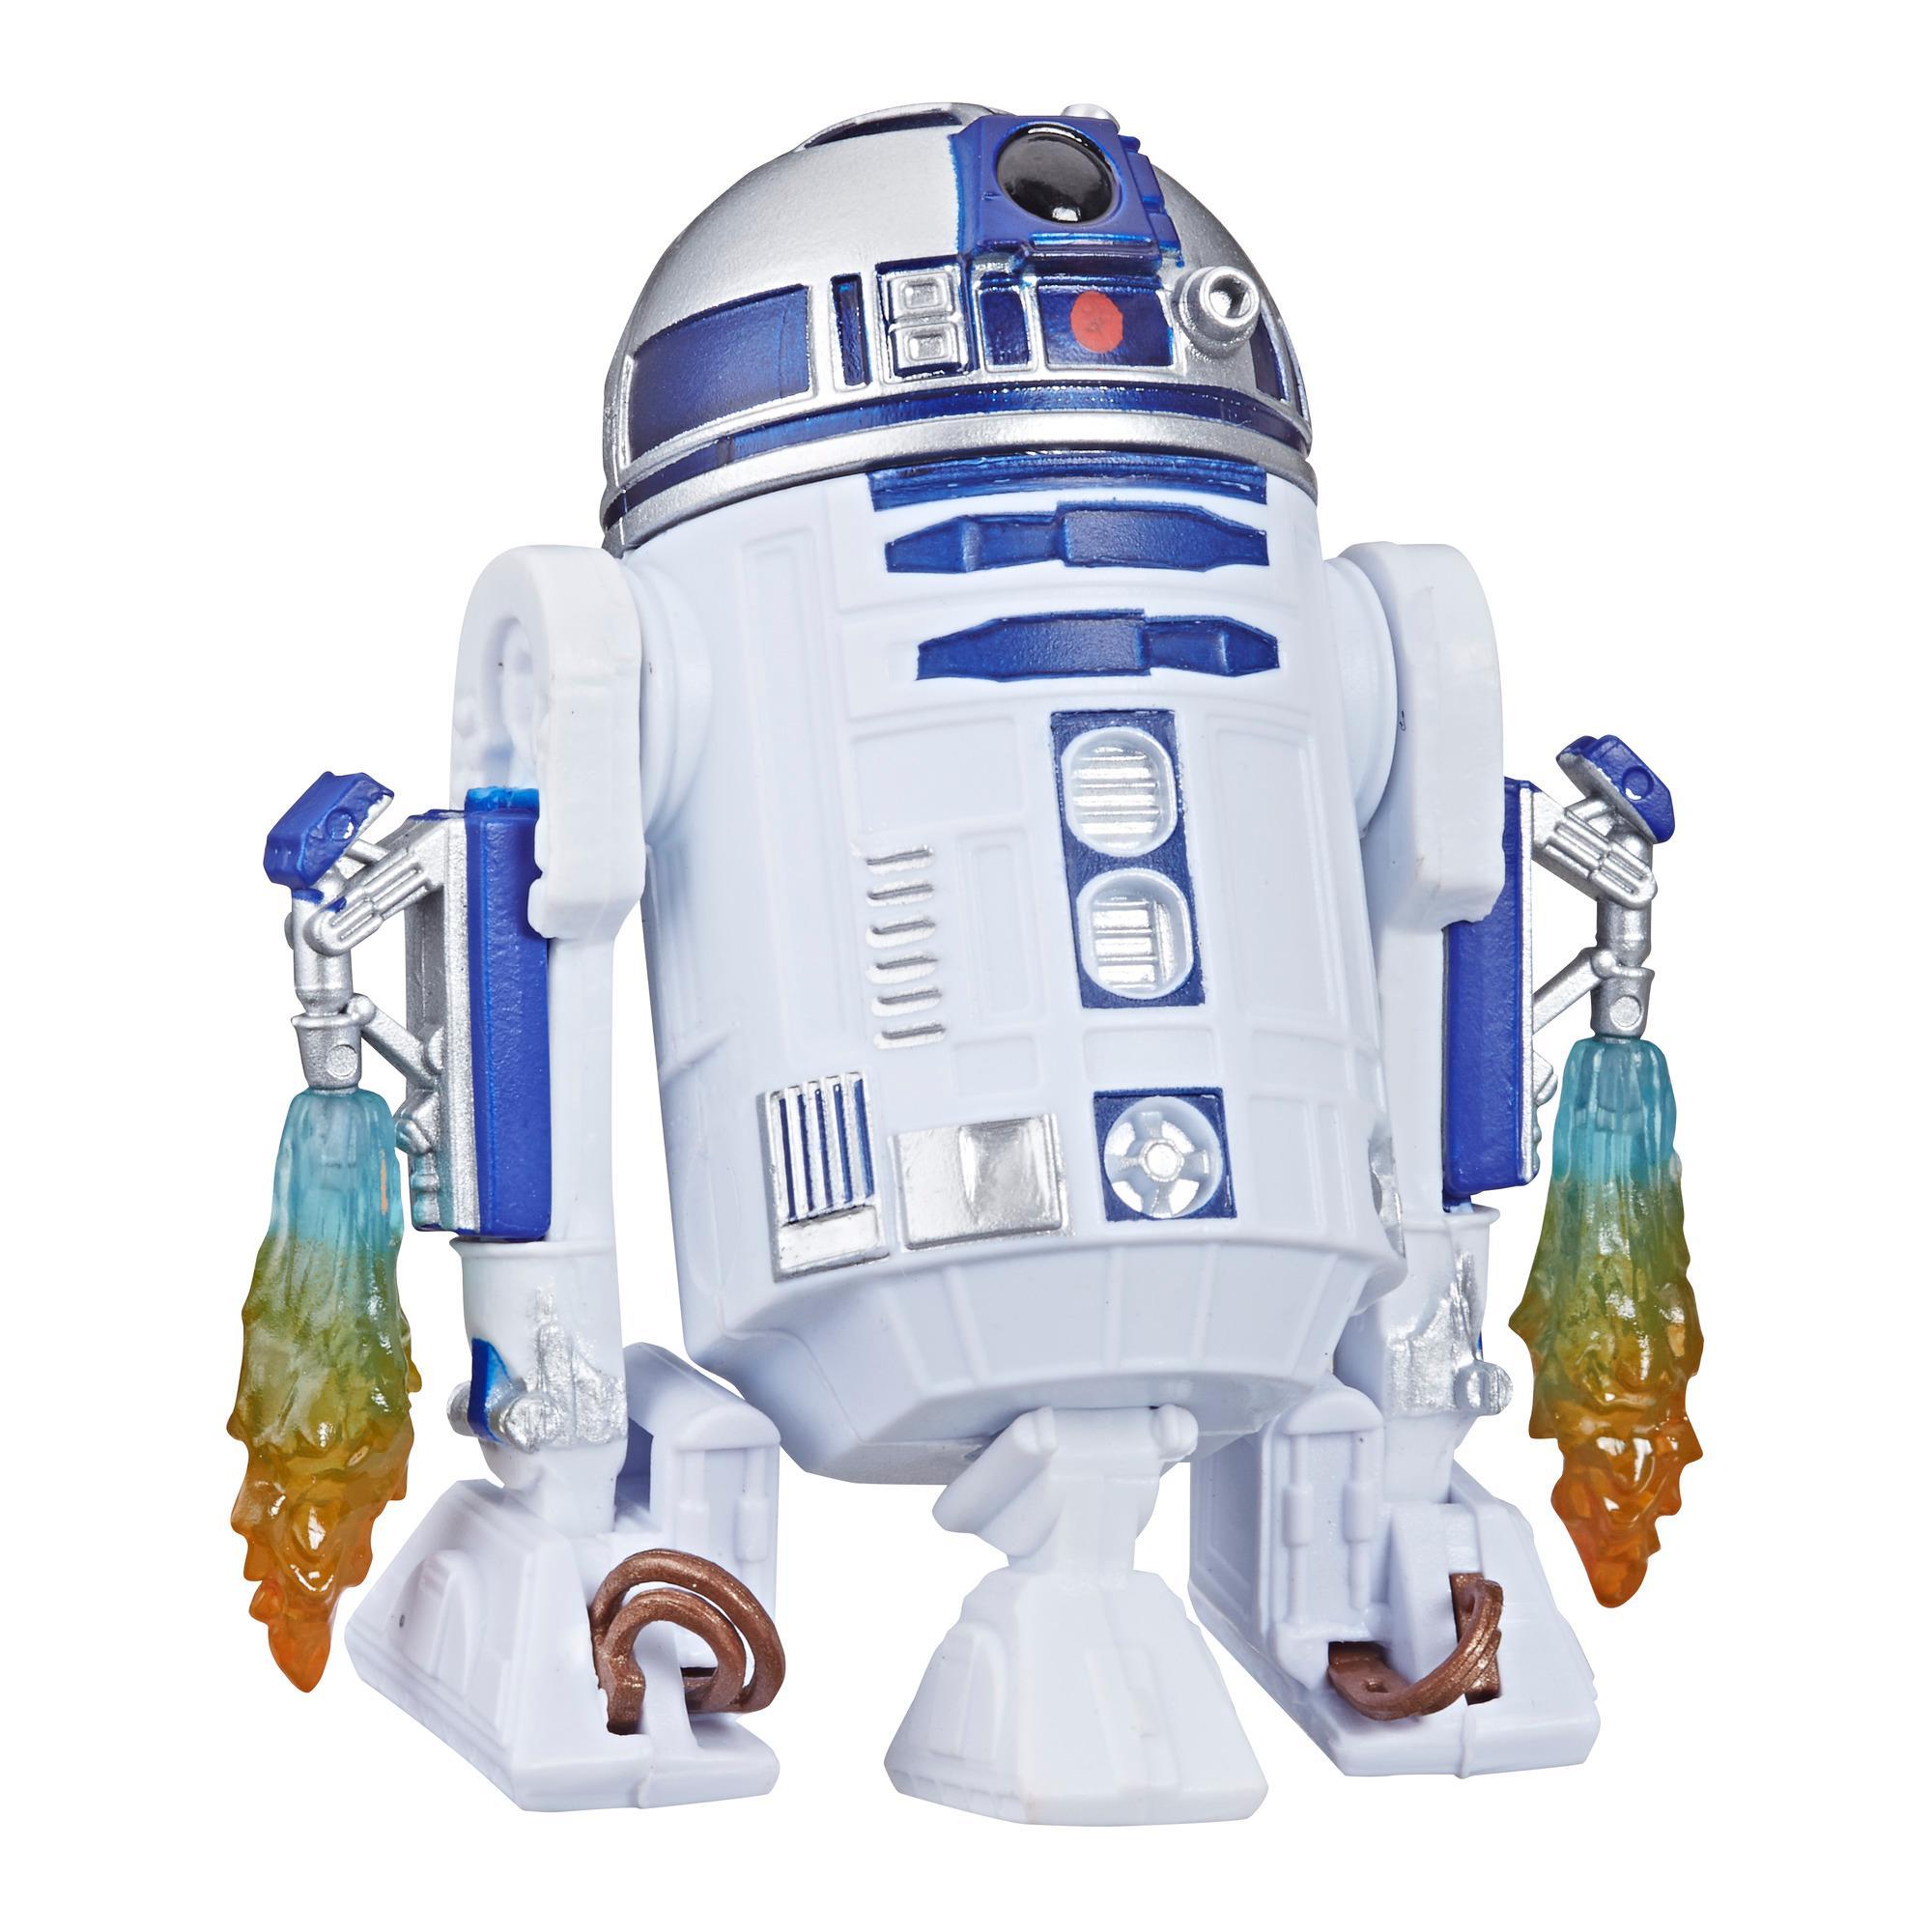 Star Wars Galaxy of Adventures - Figura de R2-D2 y minihistorieta